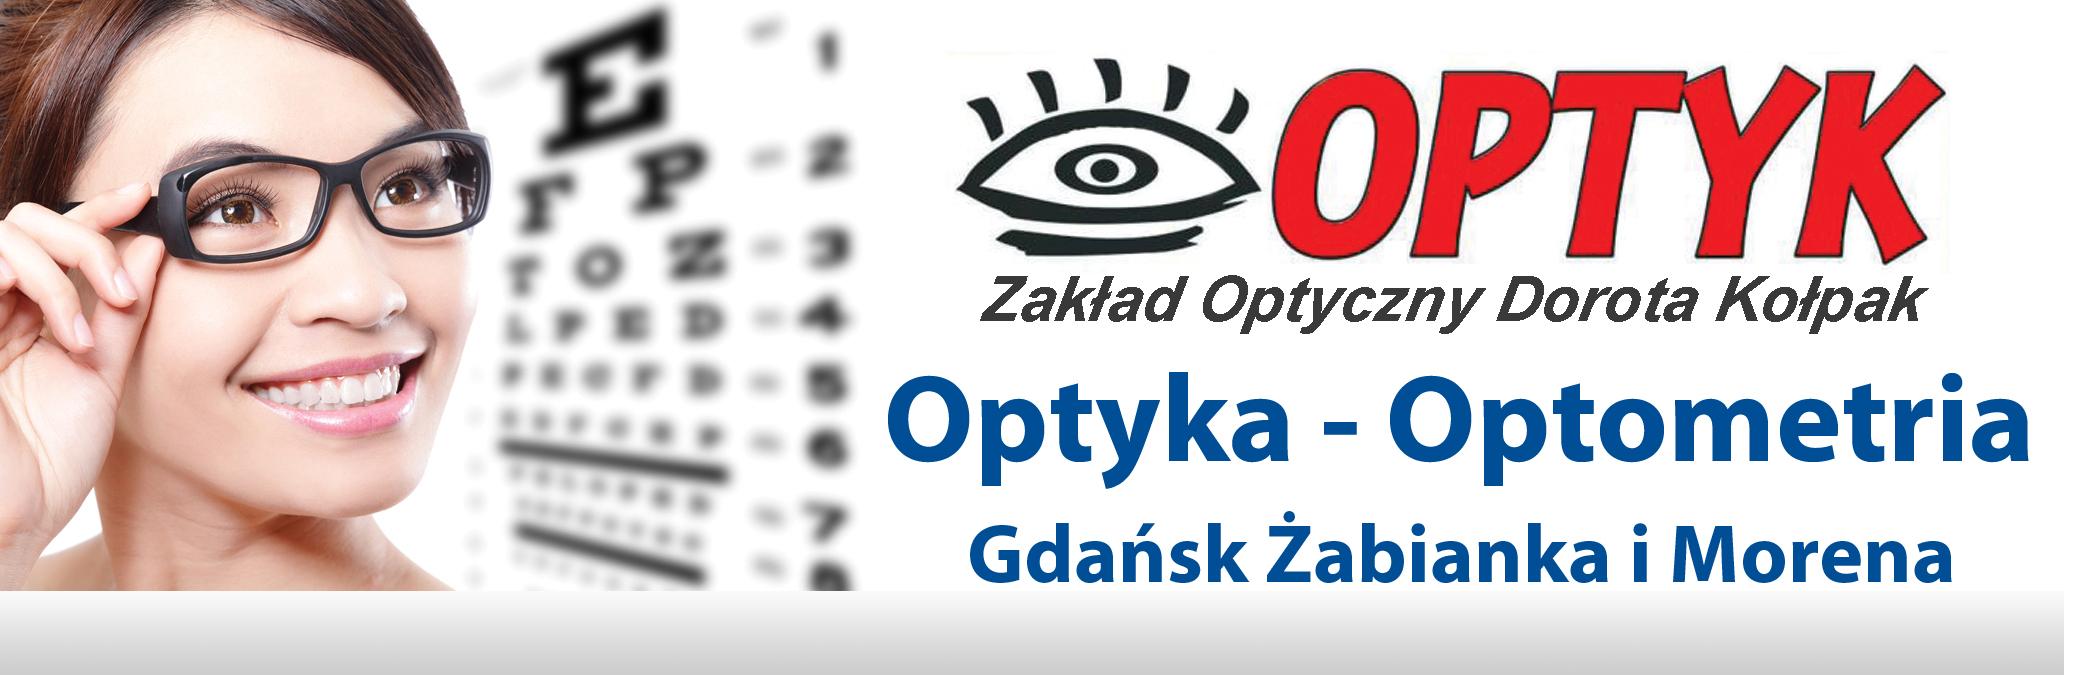 Okulary Progresywne Gdańsk